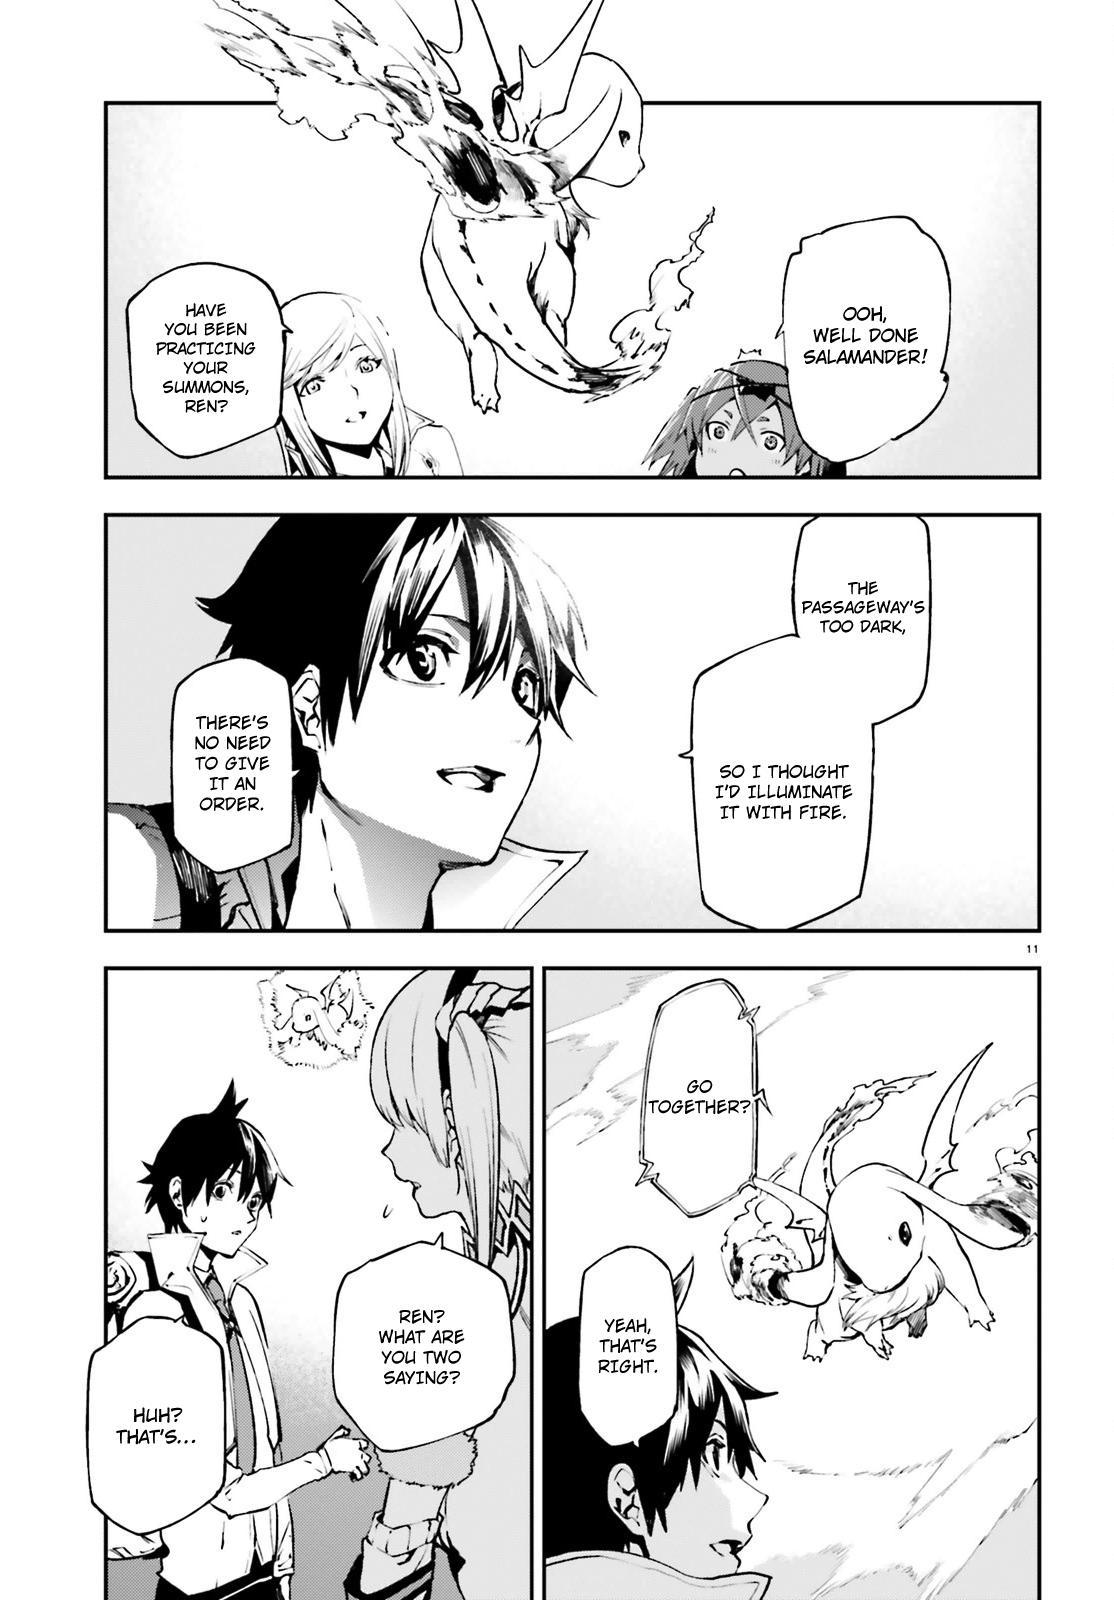 Sekai no Owari no Sekairoku - Chapter 14